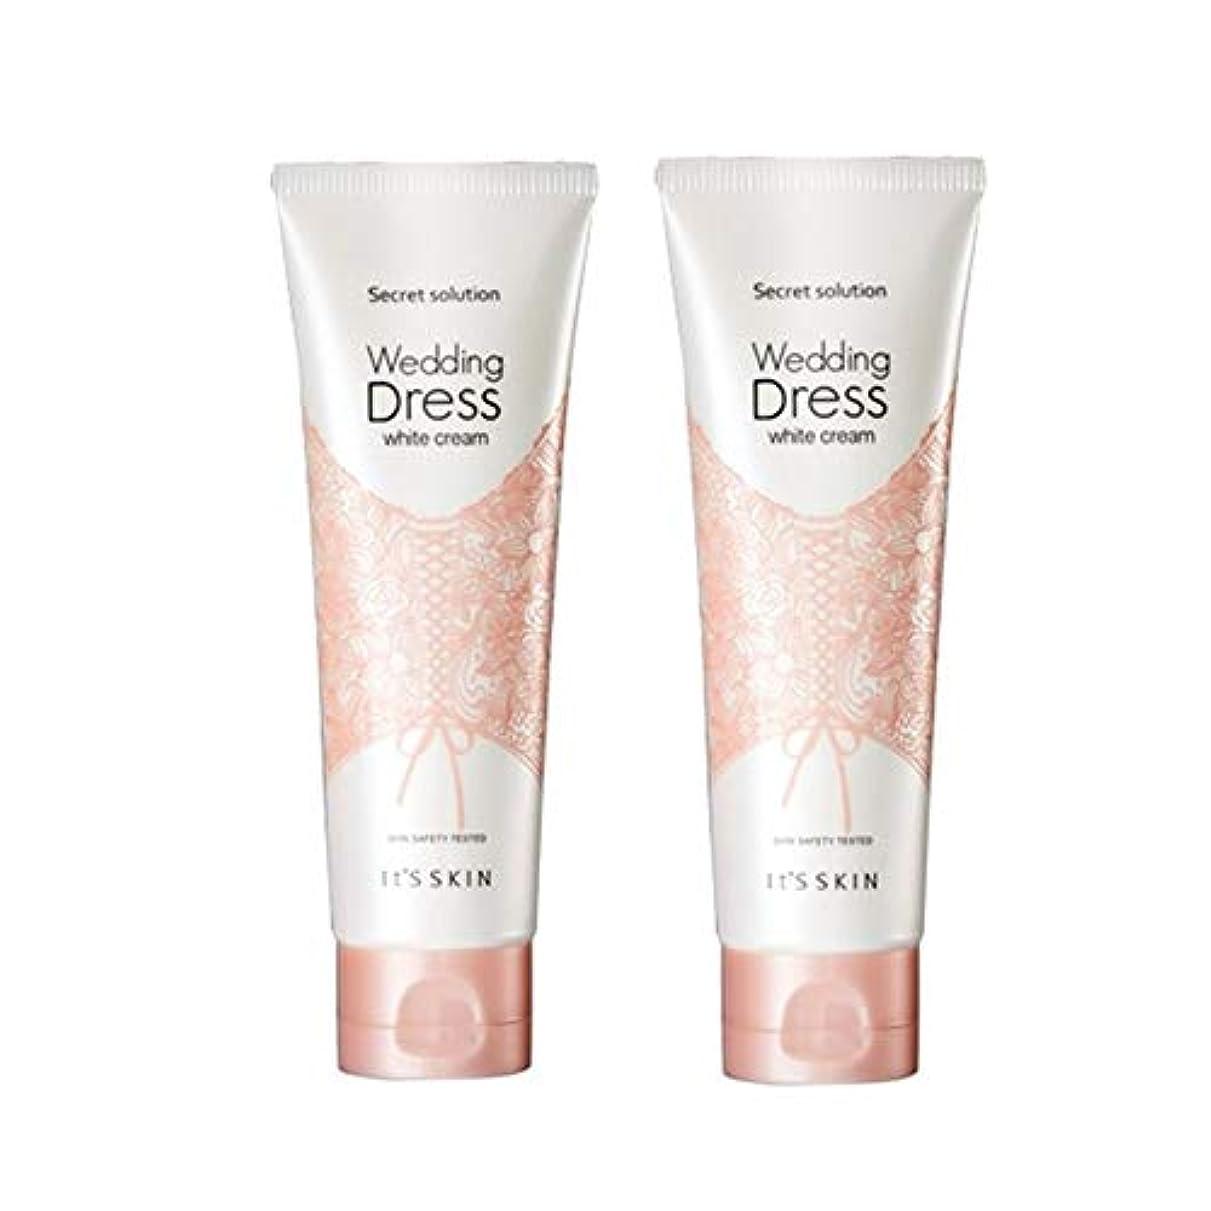 きらきら四ボーナスイッツスキンのシークレット?ソリューションウェディングドレス?ホワイトクリーム100mlx 2本セット、It's Skin Secret Solution Wedding Dress White Cream 100ml...